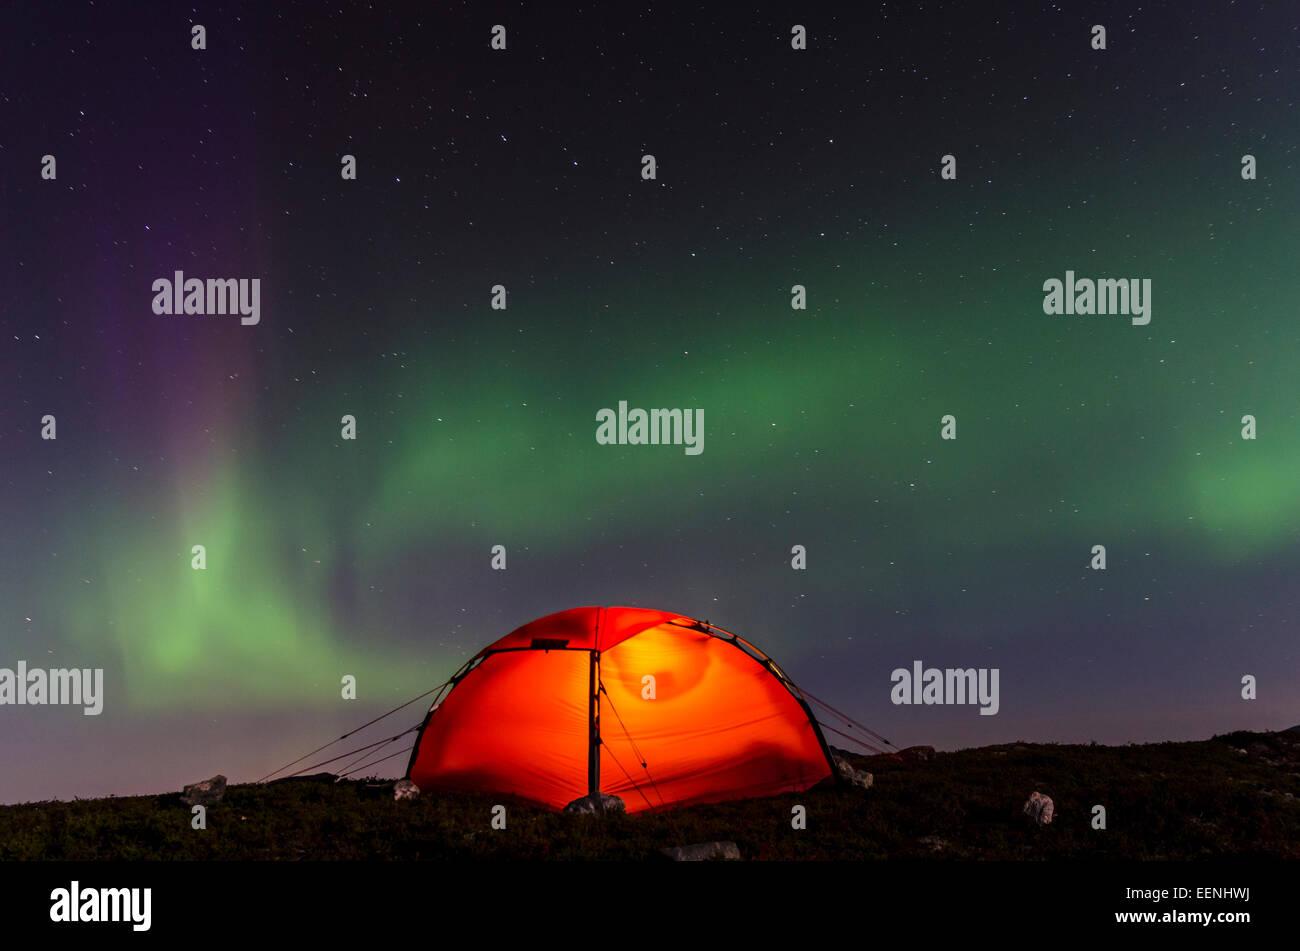 Nordlicht (Aurora borealis) ueber einem erleuchteten Zelt, Moere und Romsdal Fylke,  Vestland, Norwegen, September - Stock Image